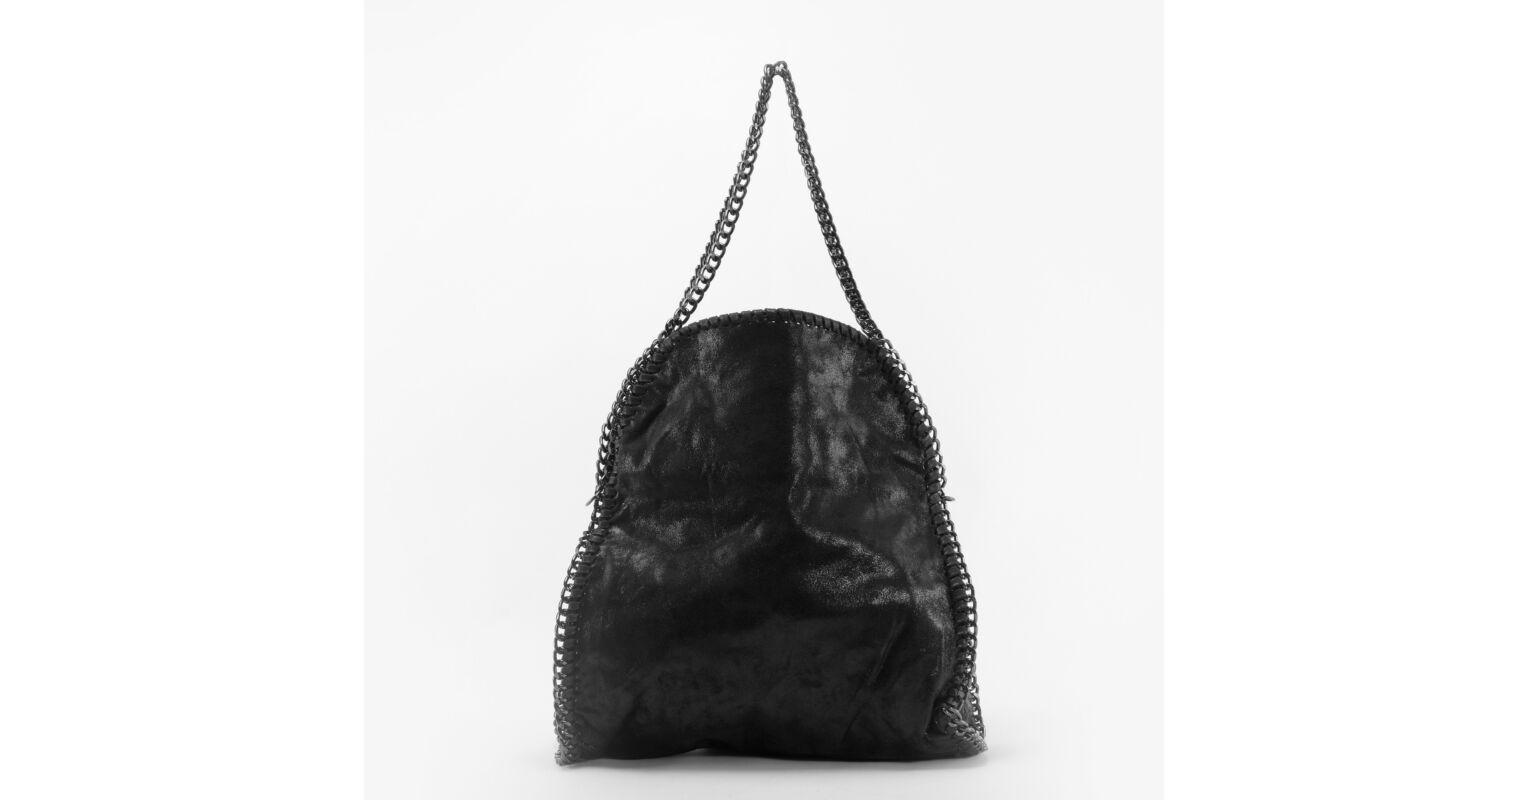 383115296df8 Venti Fekete Láncos Női Műbőr Válltáska - Válltáskák - Táska webáruház -  Minőségi táskák mindenkinek